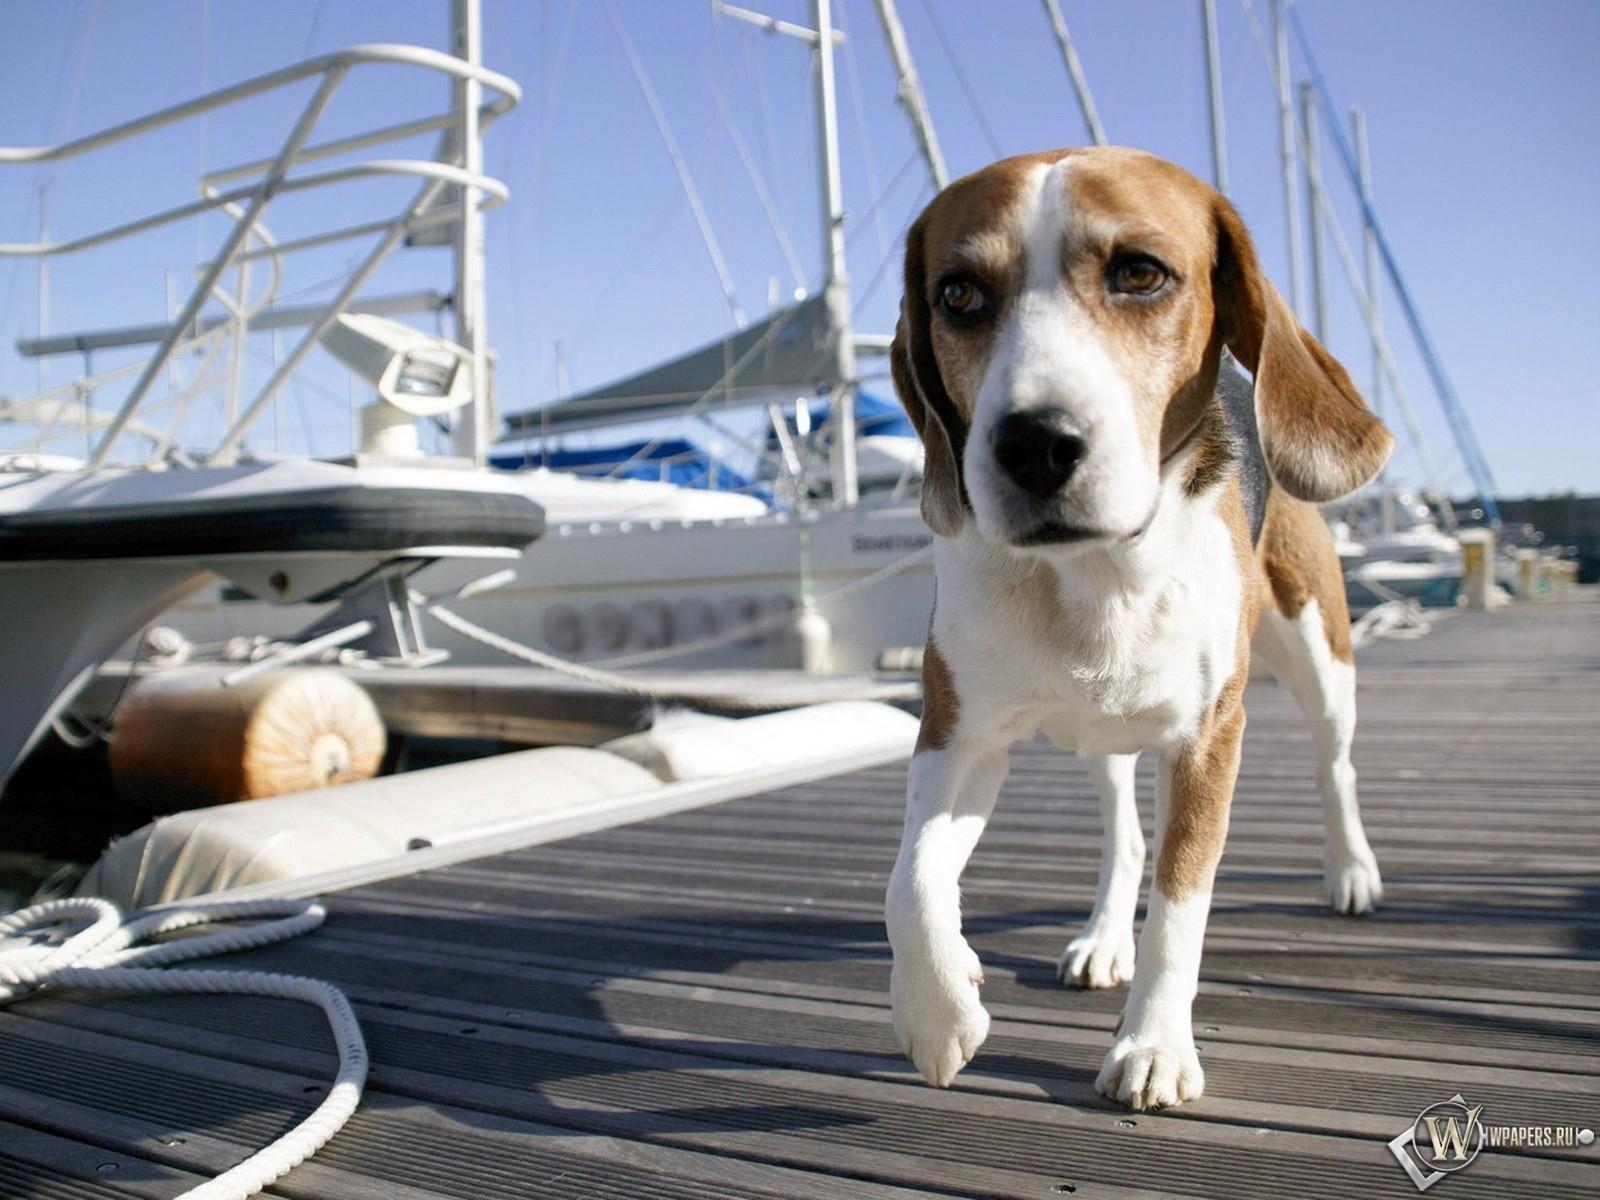 Собака по пристани гуляка 1600x1200